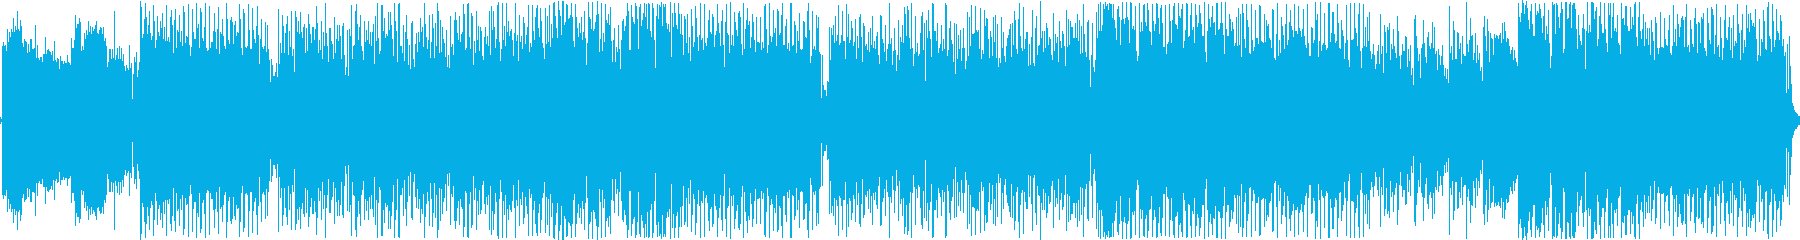 明るくかわいいテクノポップソングの再生済みの波形